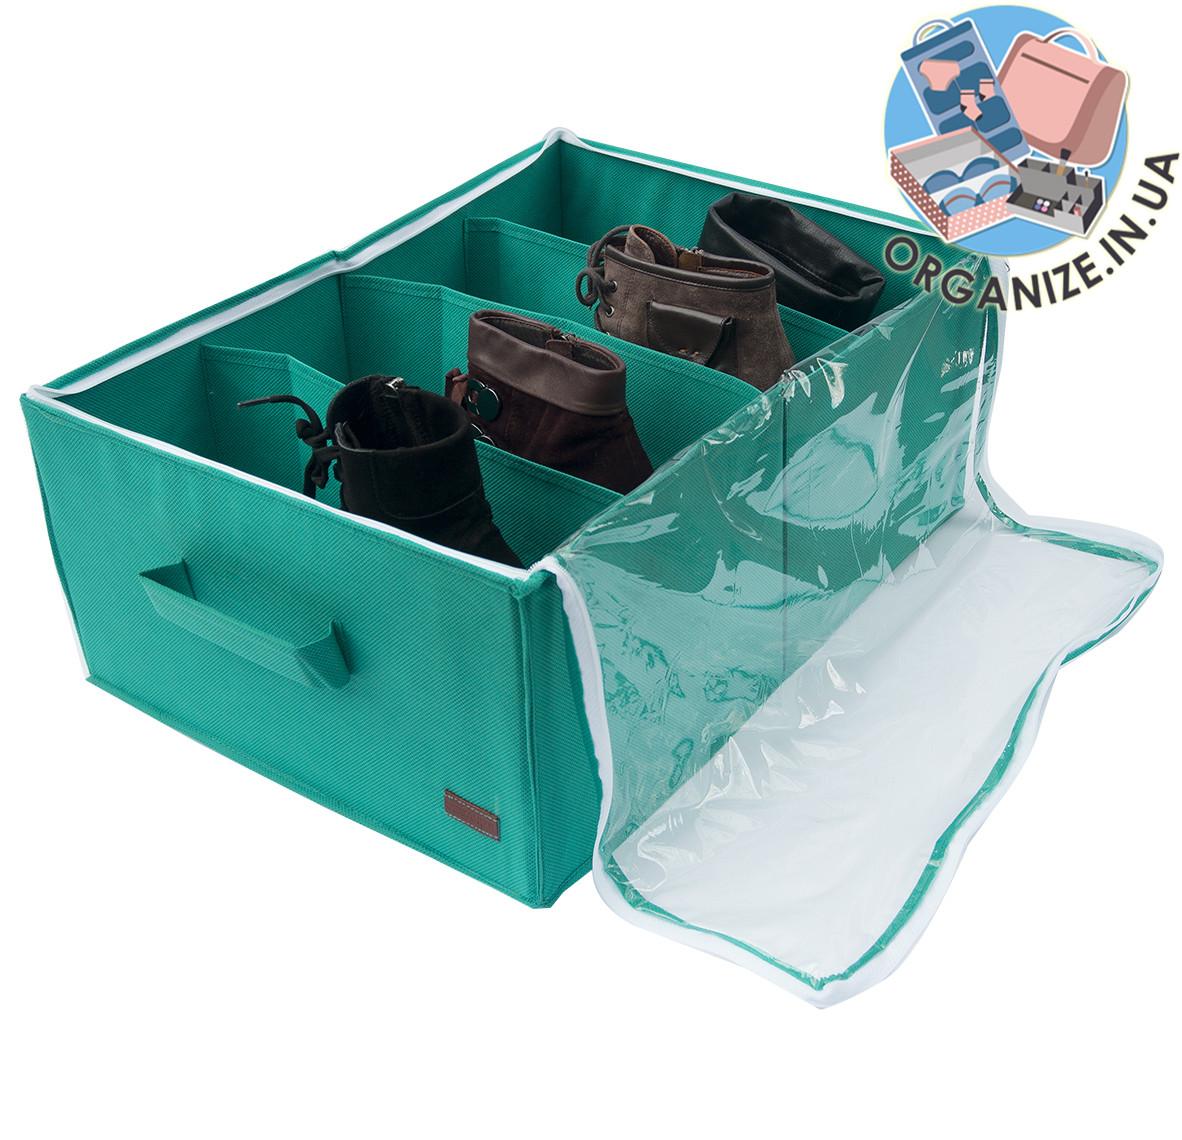 Коробка для зберігання взуття на 4 пари ORGANIZE (лазурний)